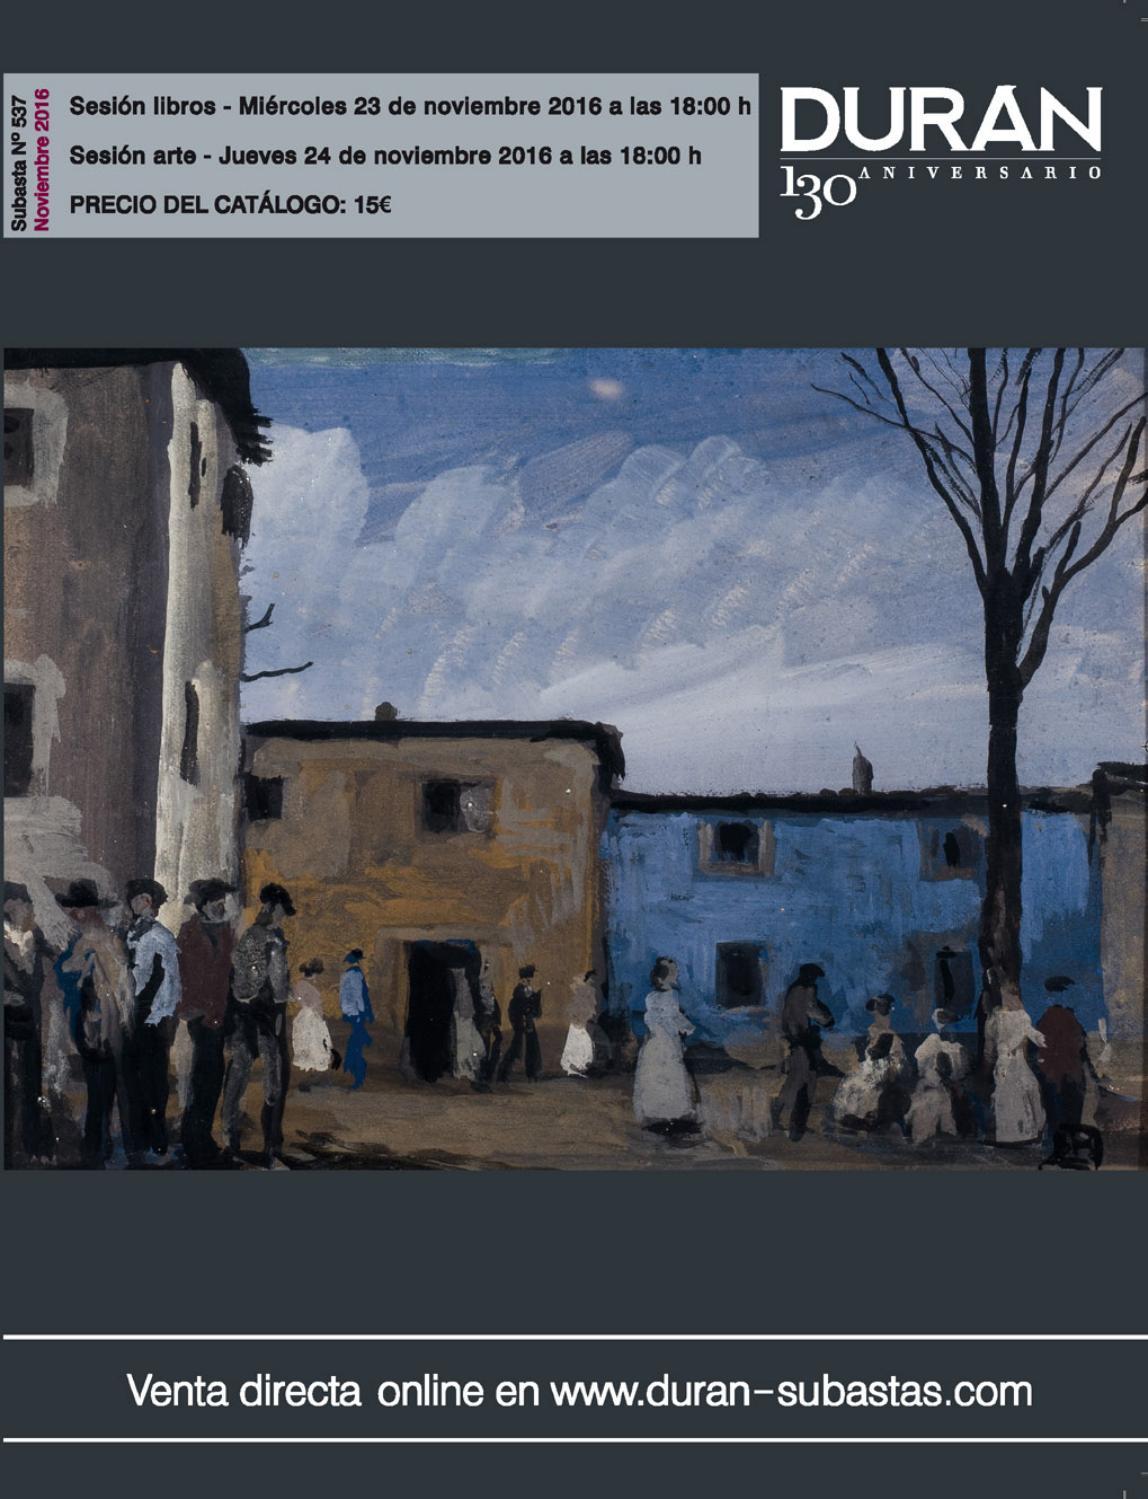 DURAN SUBASTAS NOVIEMBRE 2016 ARTE by Consuelo Duran - issuu 256d06c81242